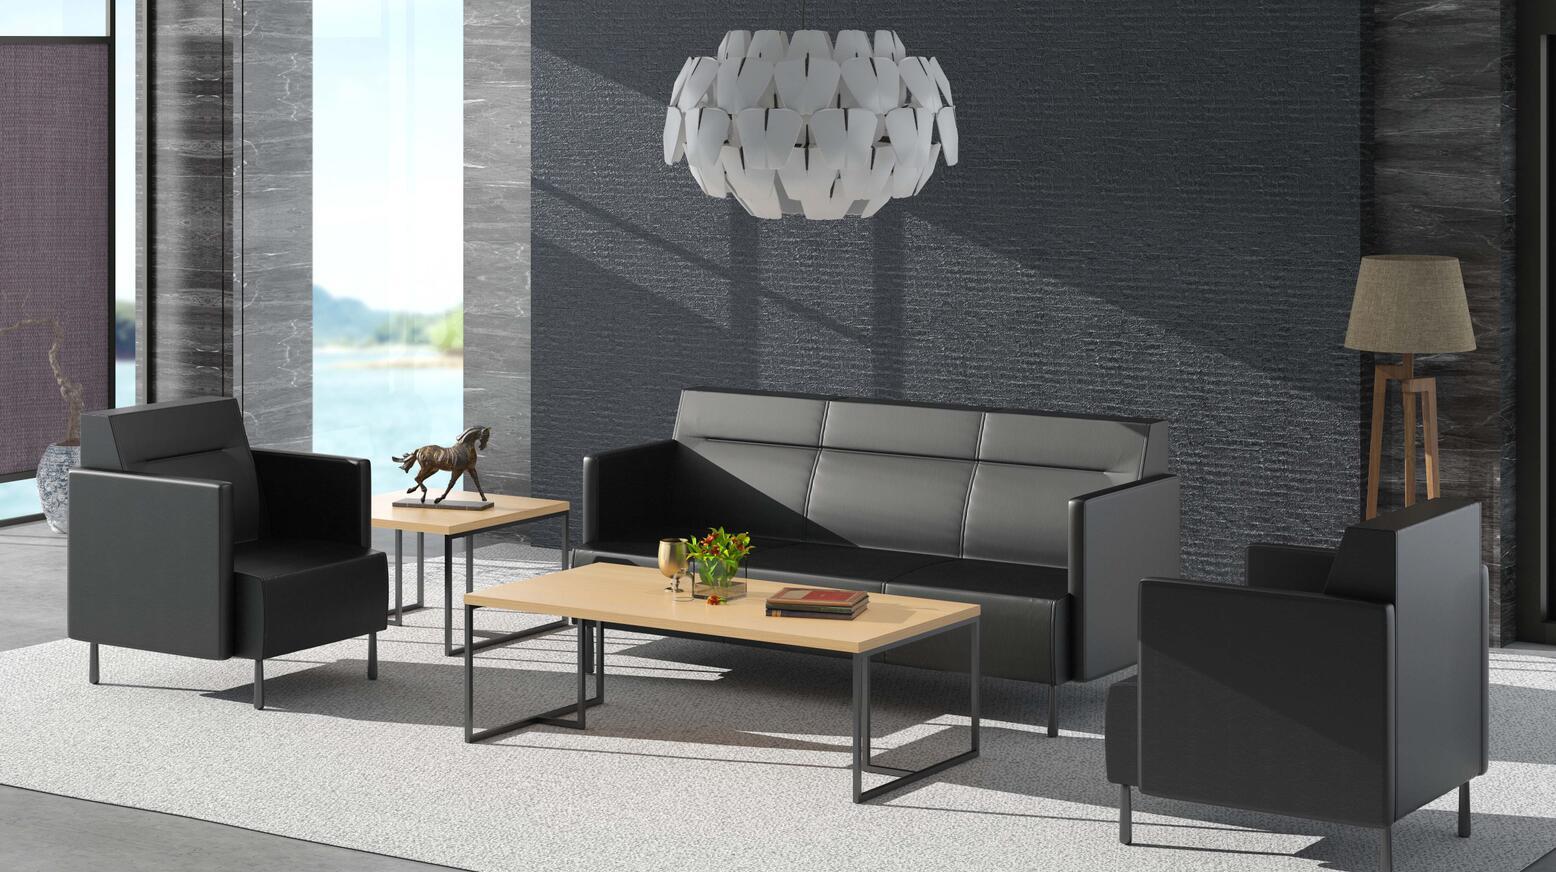 公司乐天堂客户端app下载沙发